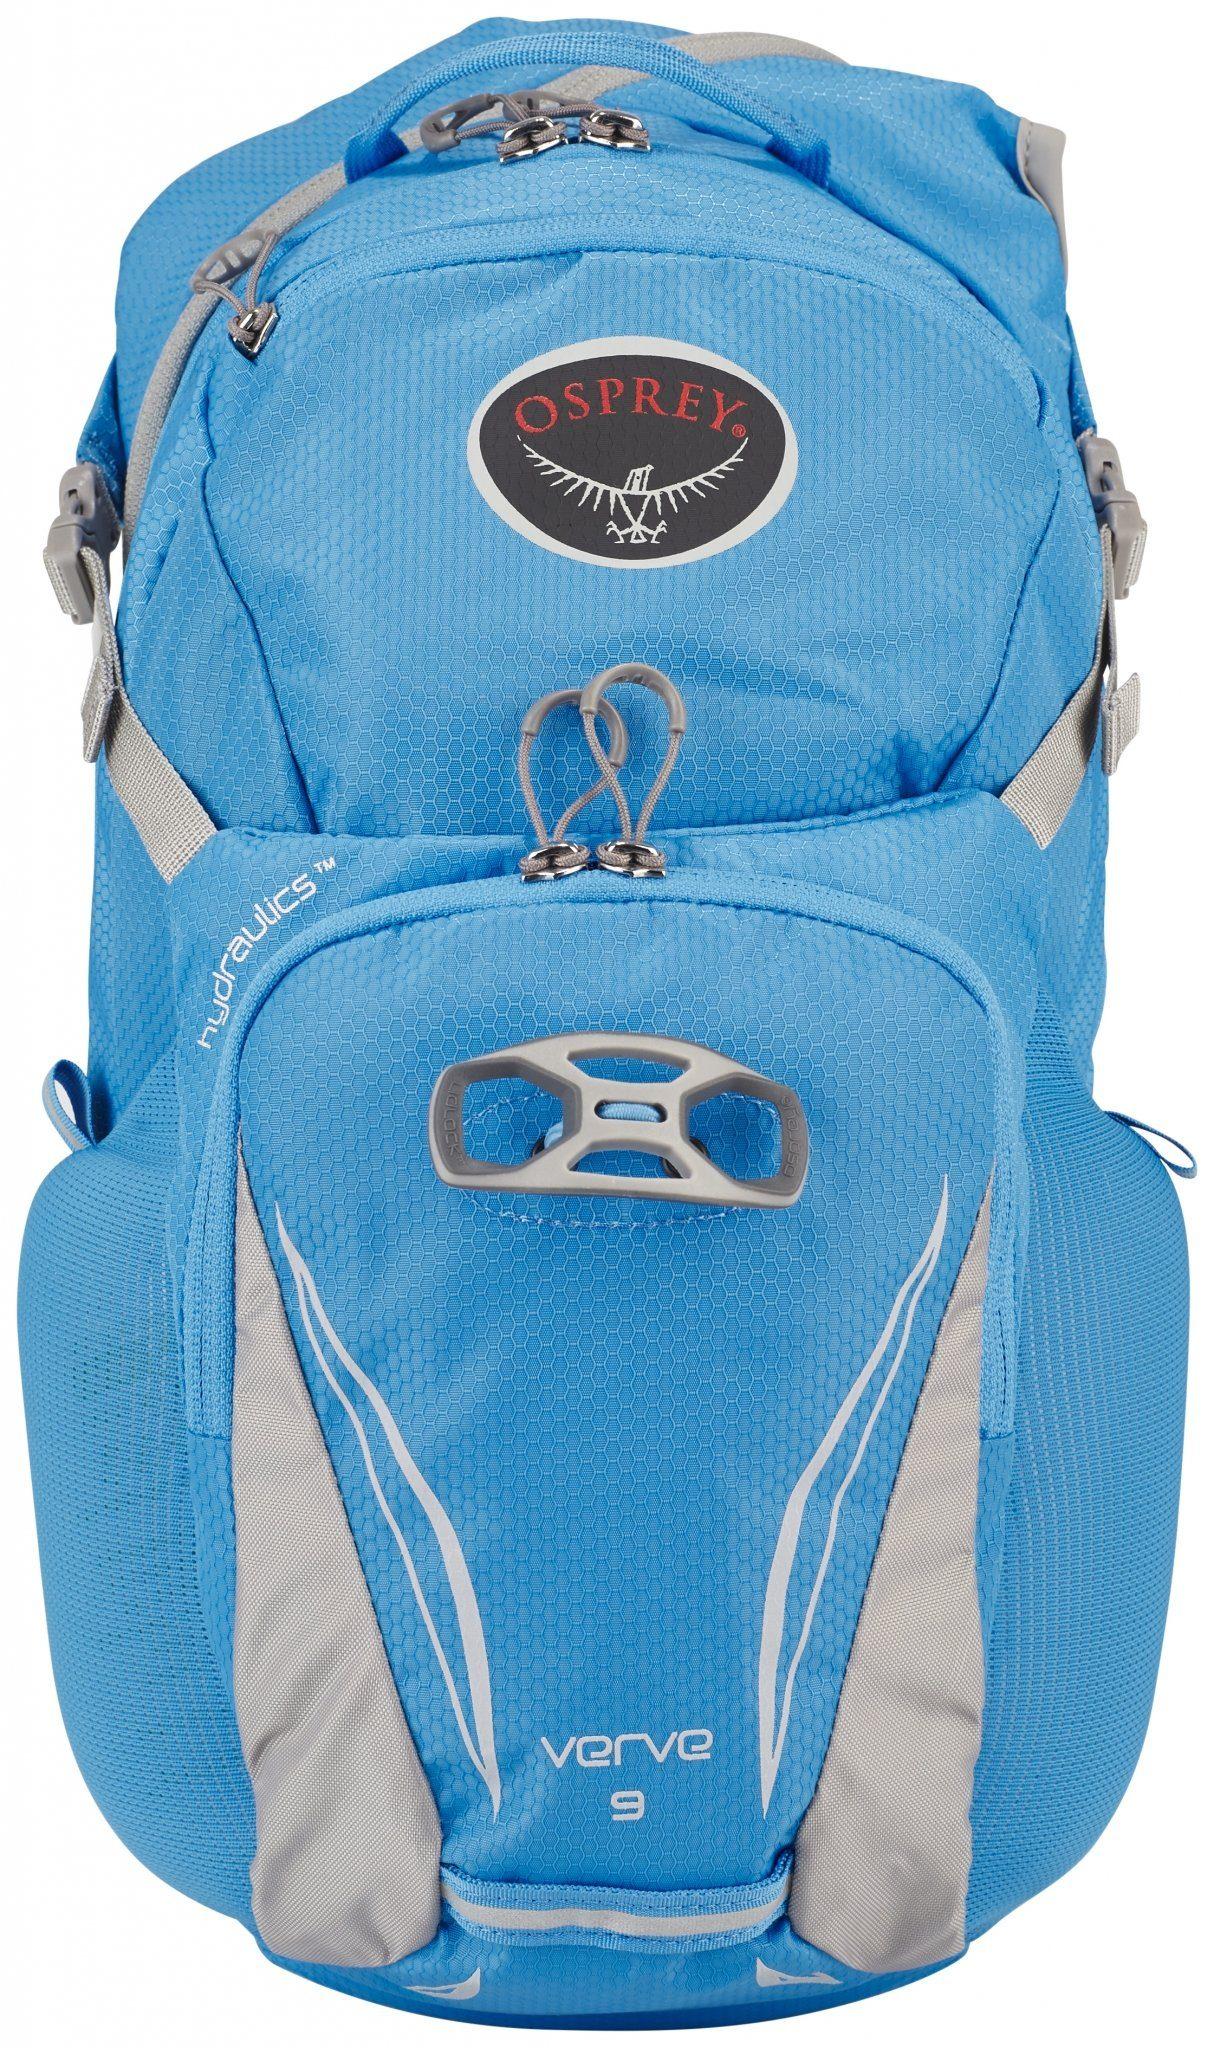 Osprey Rucksack »Verve 9 Backpack Women«